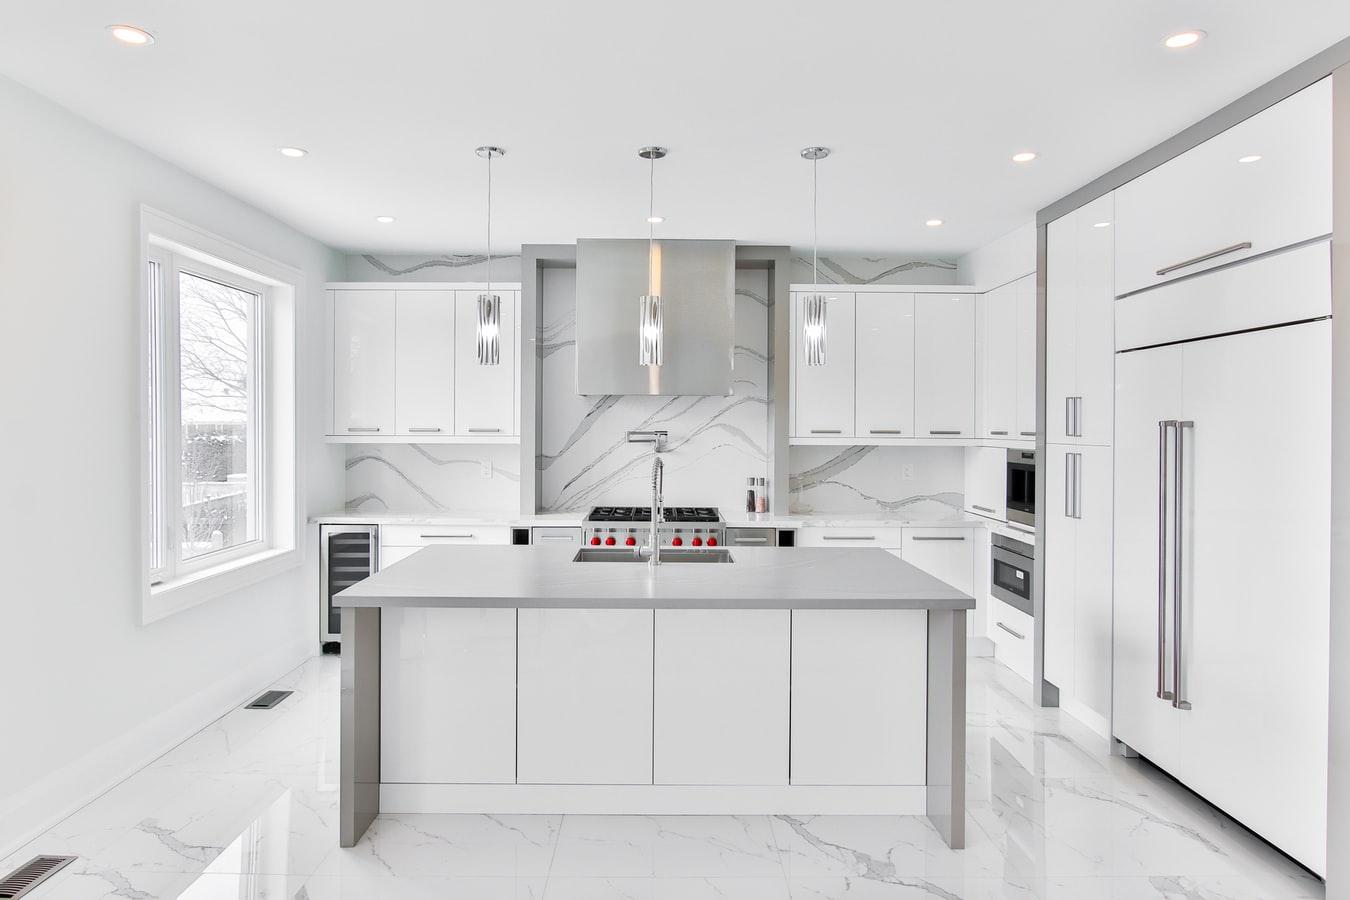 фото кухни из мдф, дизайн 3